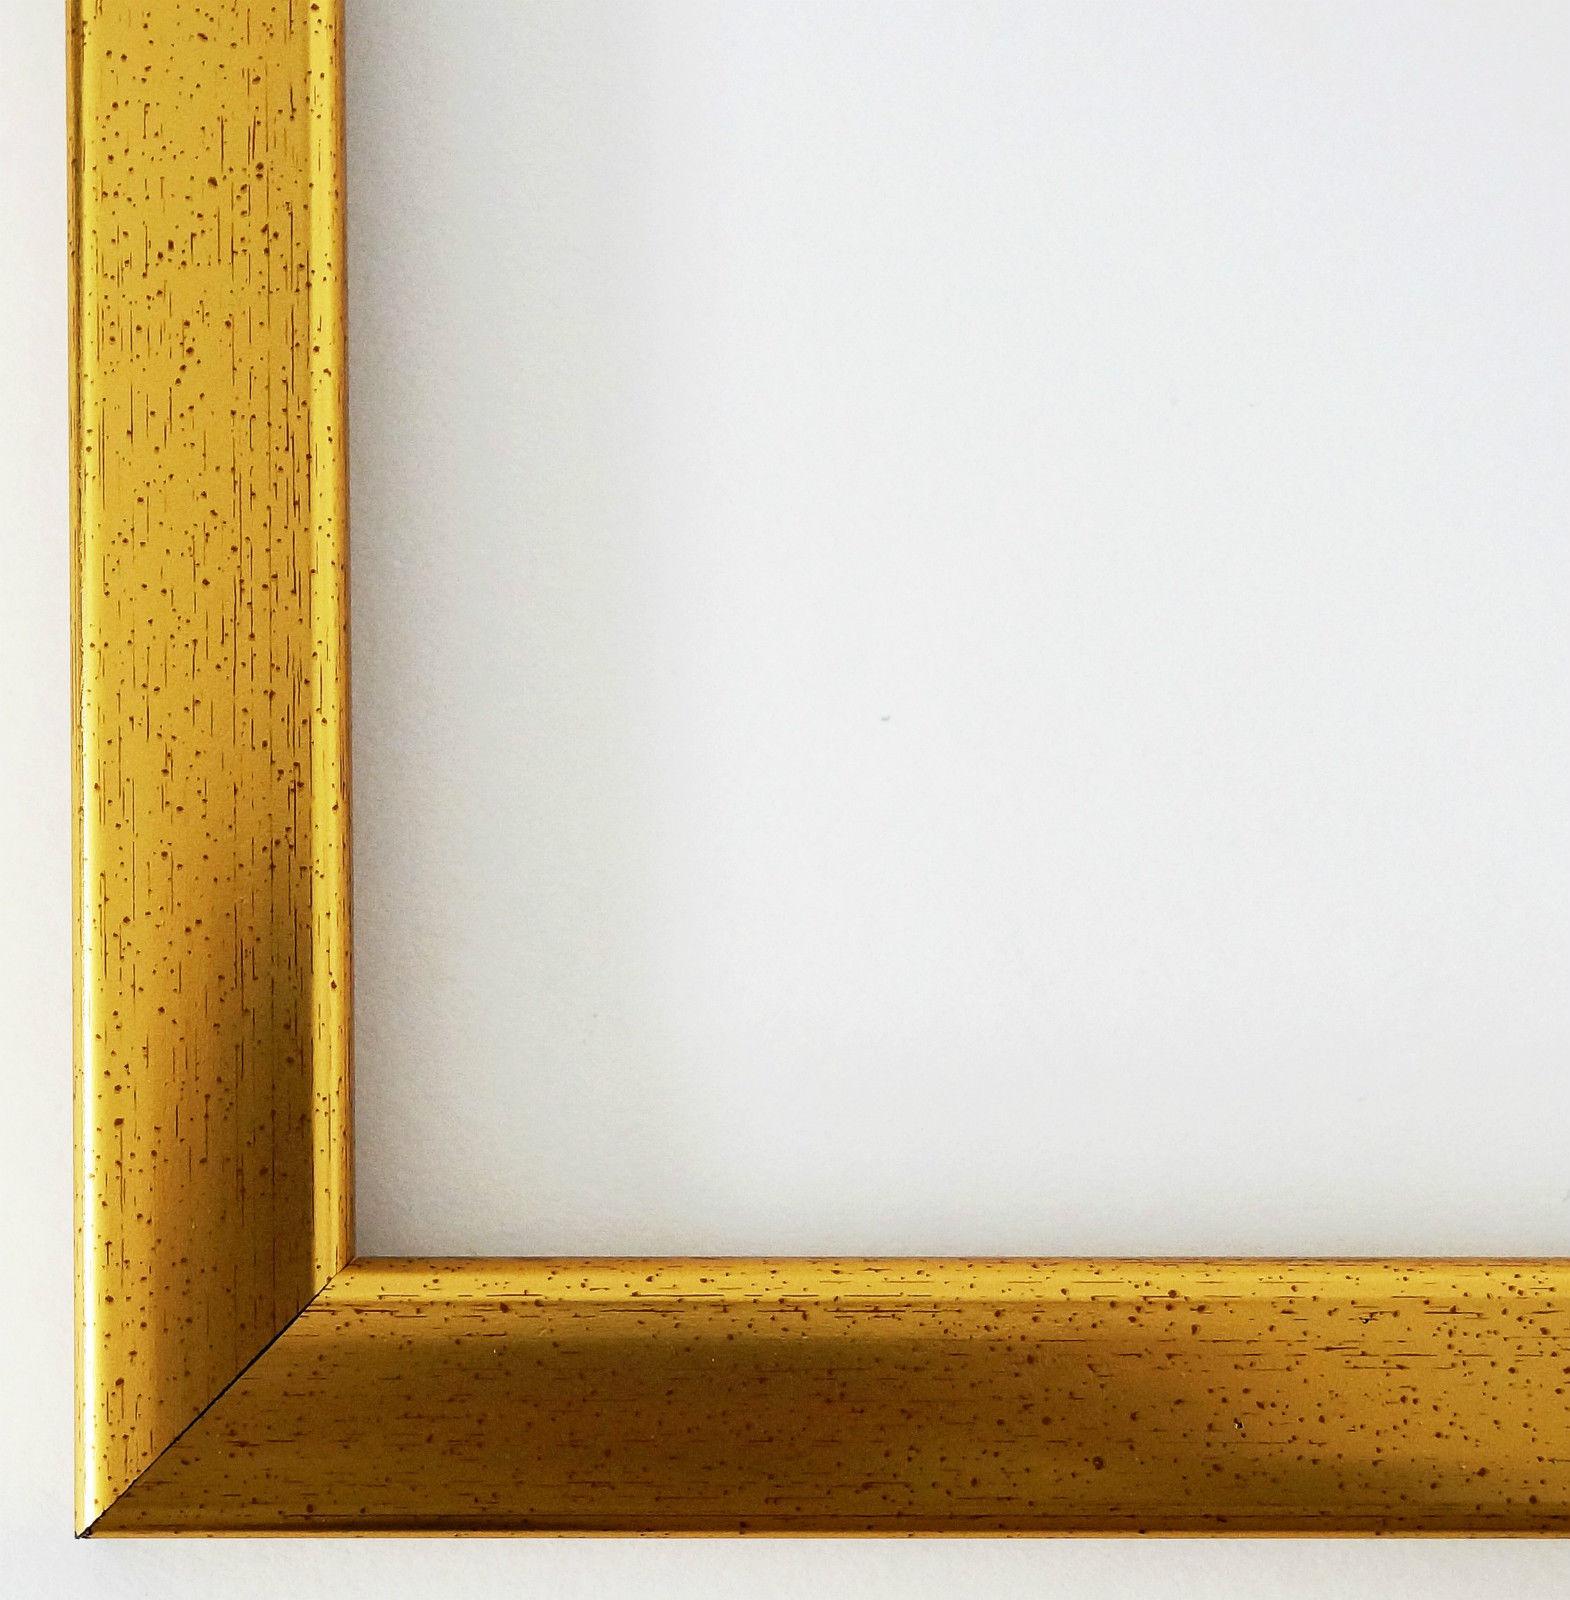 Ziemlich Stahlrahmen Baldachin 10x20 Costco Galerie ...